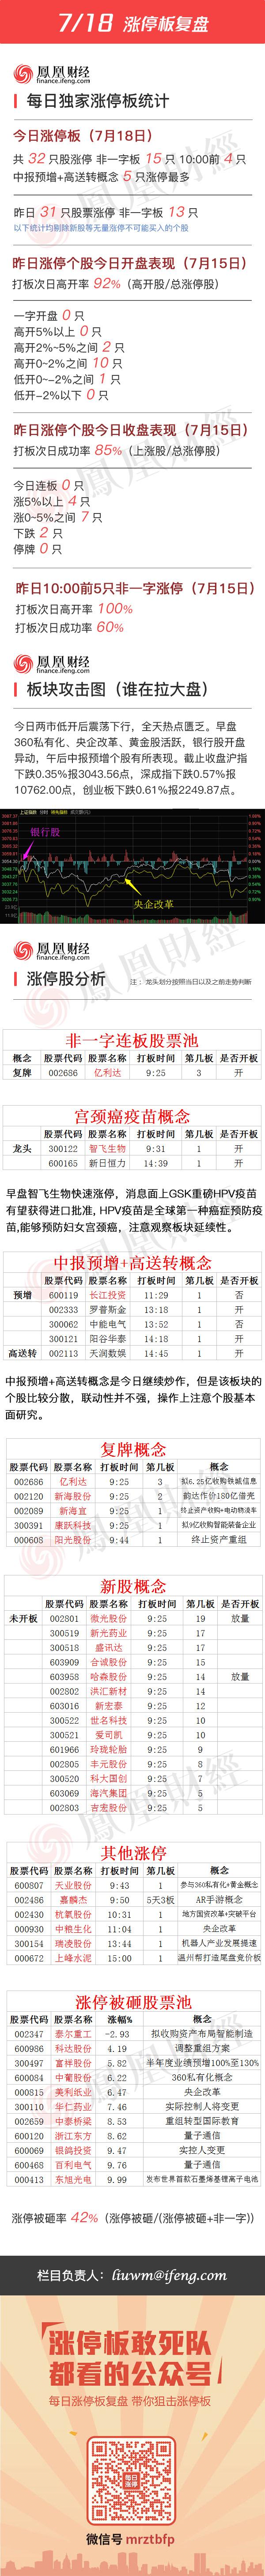 2016年7月18日涨停板复盘 - 小美 - xing1969wuw的博客